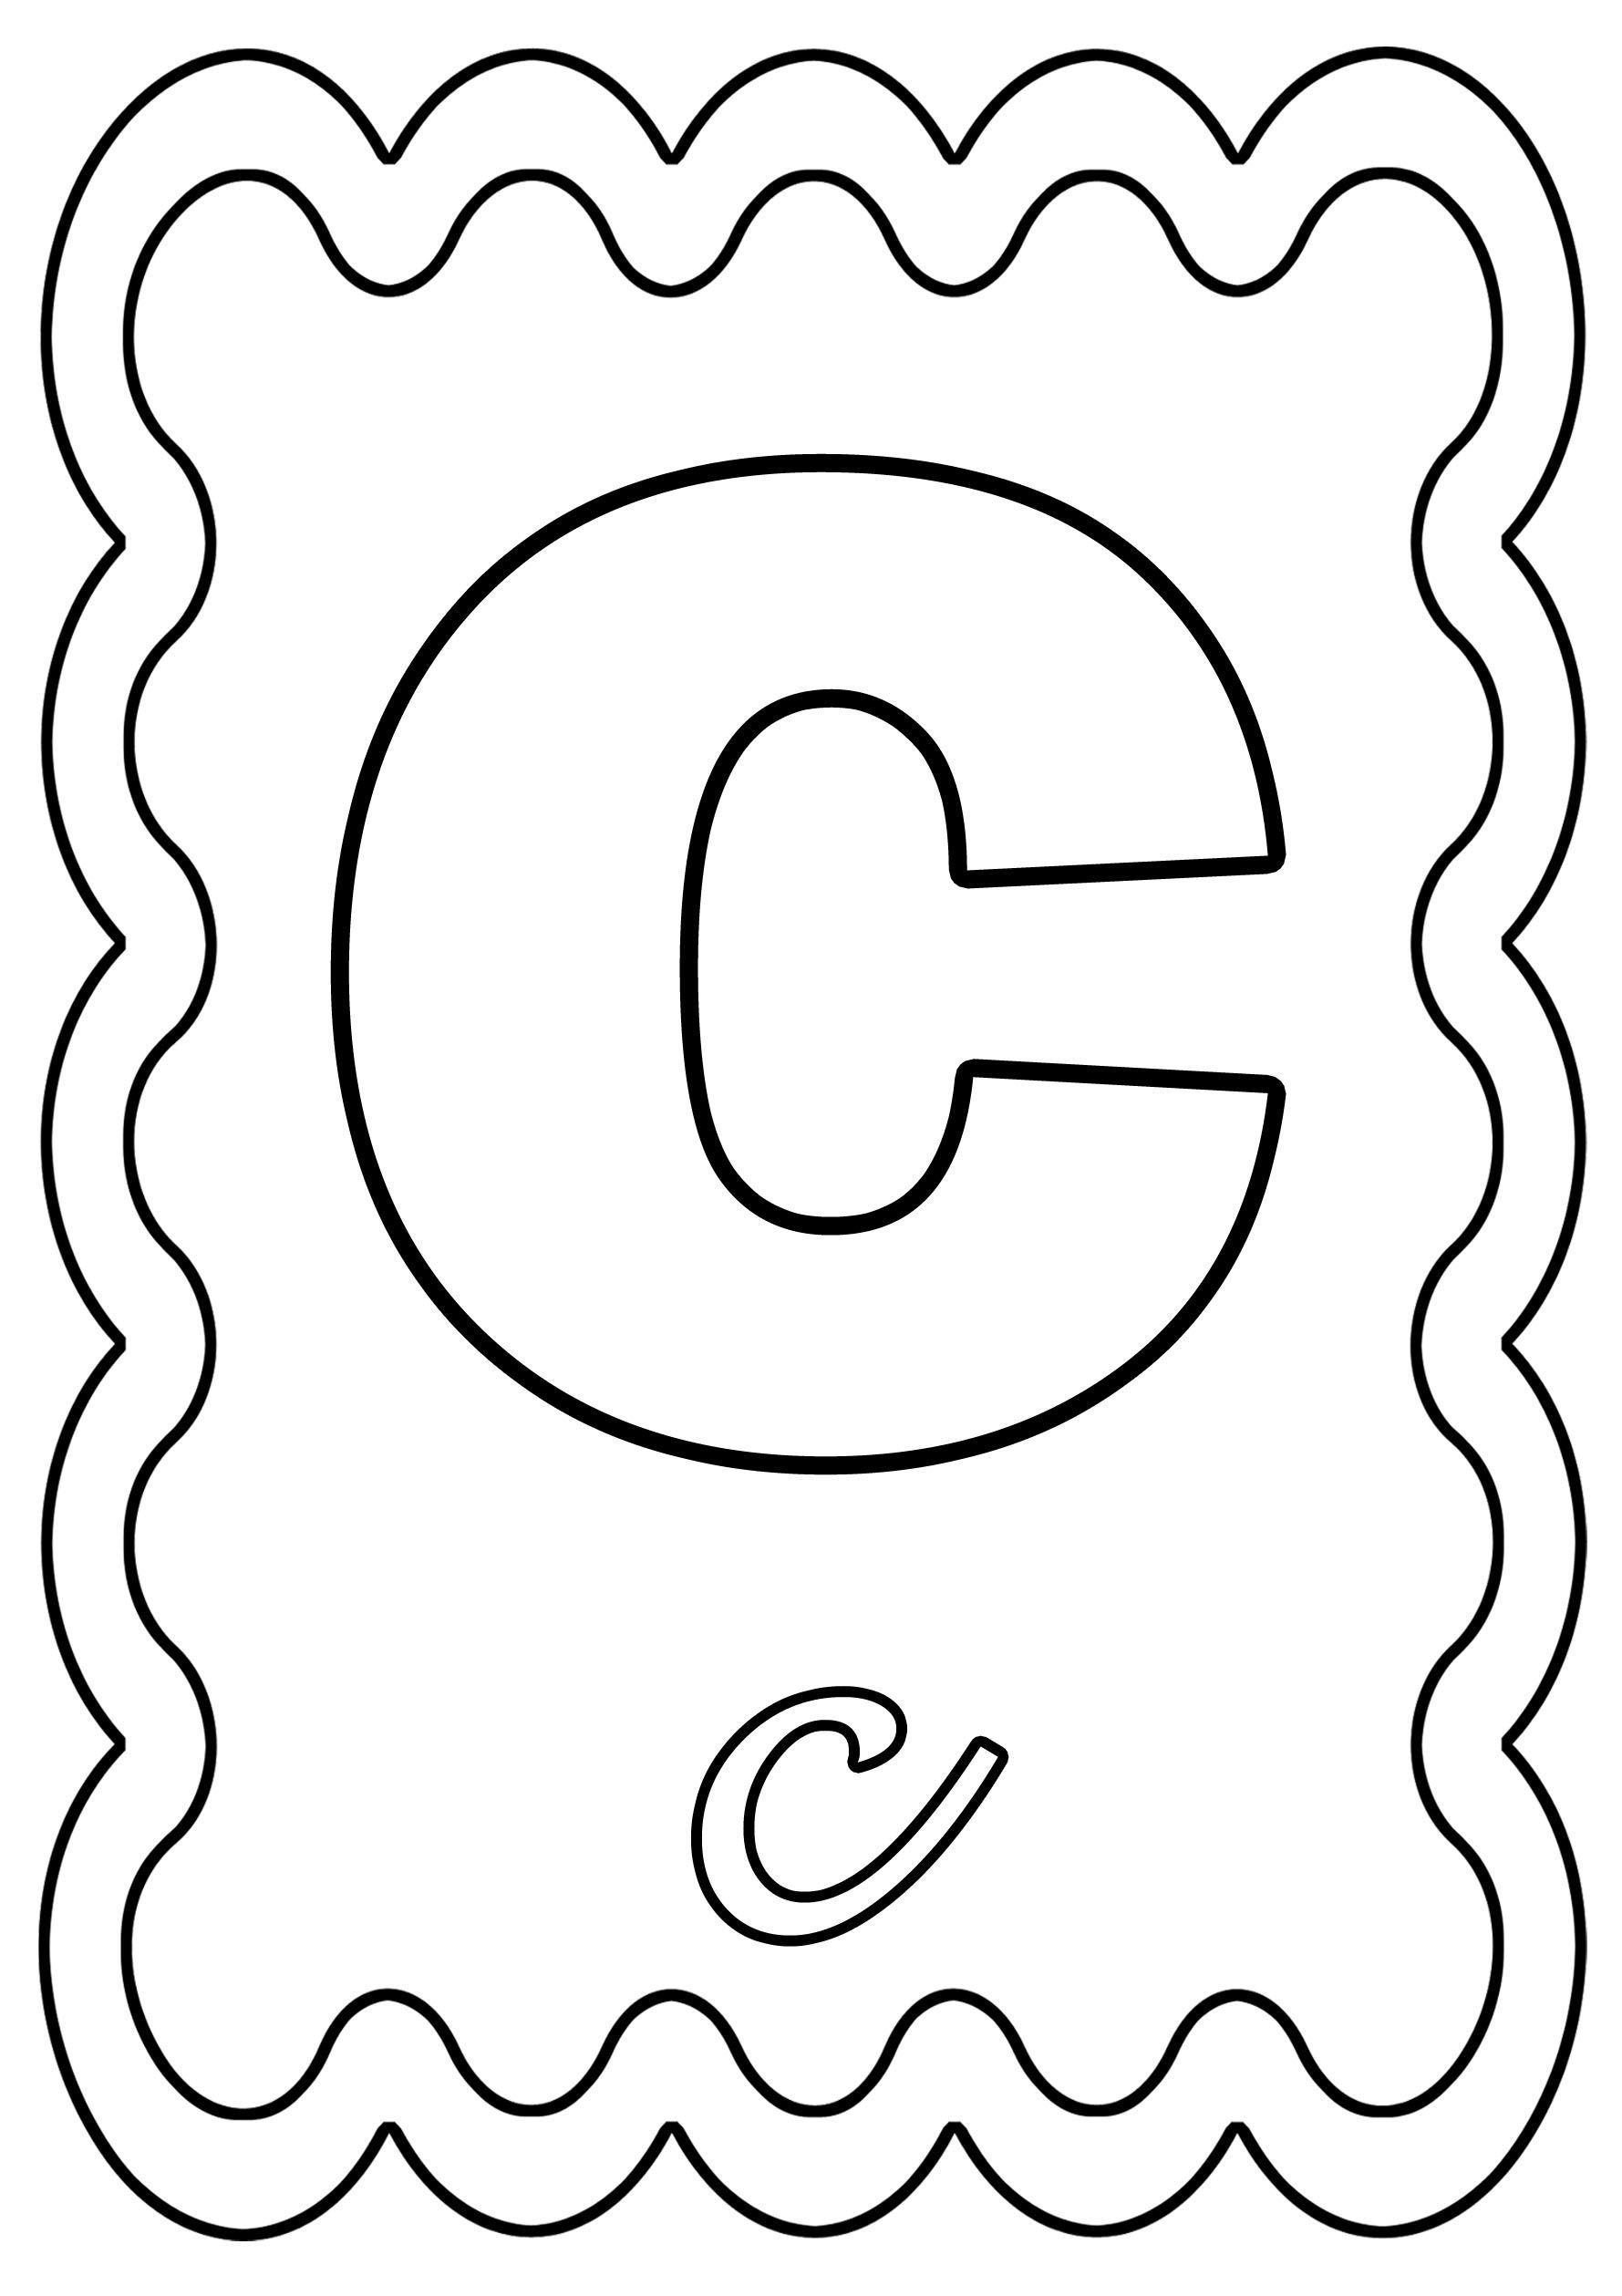 Coloriage alphabet lettre de a a z - Dessin colorier ...